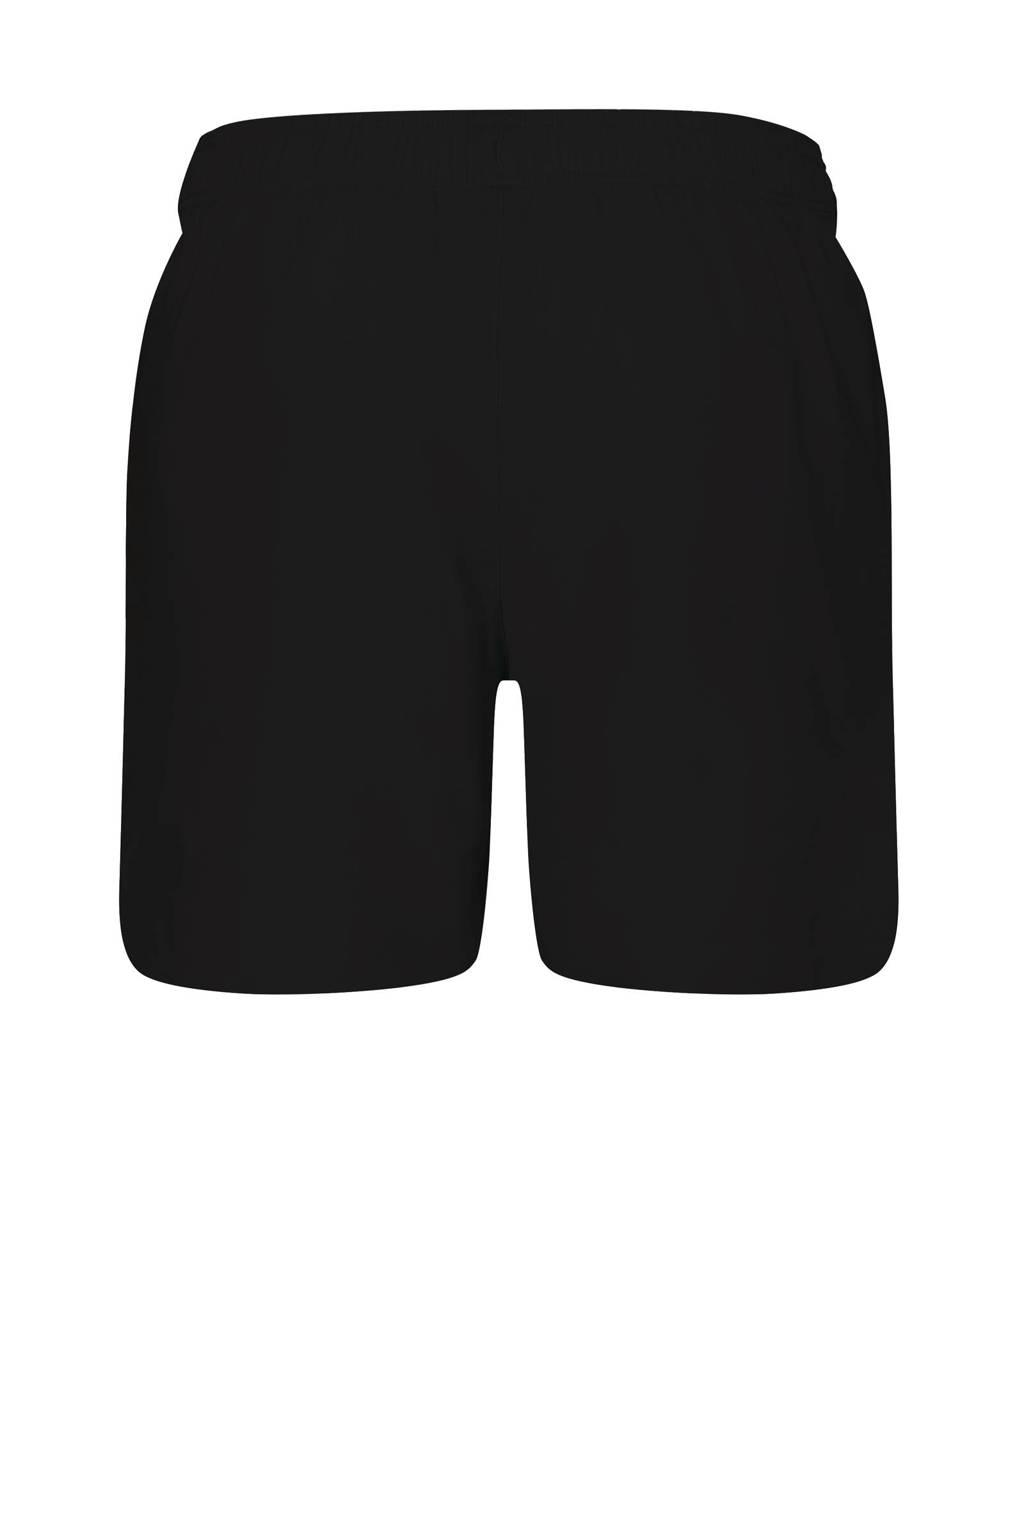 Puma zwemshort zwart, Zwart